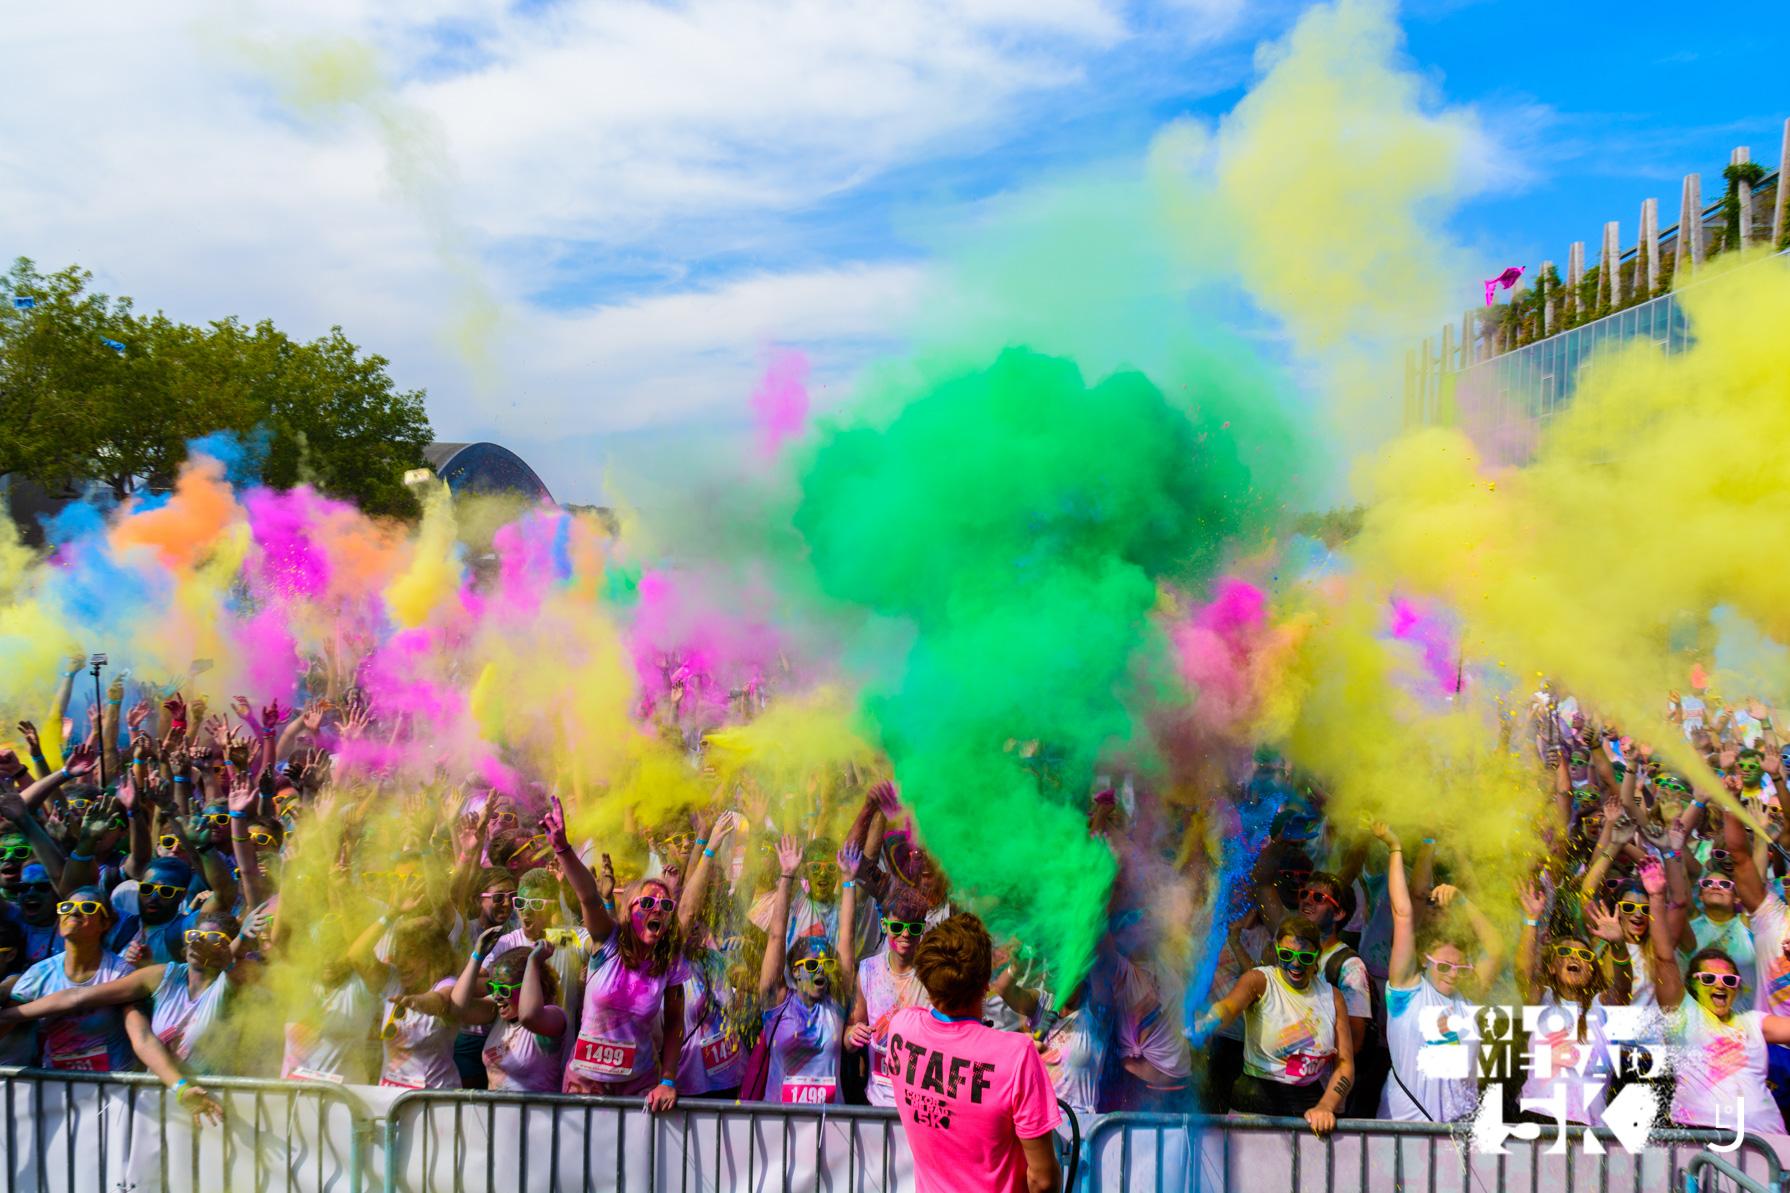 Des tonnes de couleurs ! - Tous les km, nous t'aspergeons de poudre colorée !Sur le festival, des lancers de couleurs ont lieu toutes les 20 minutes.